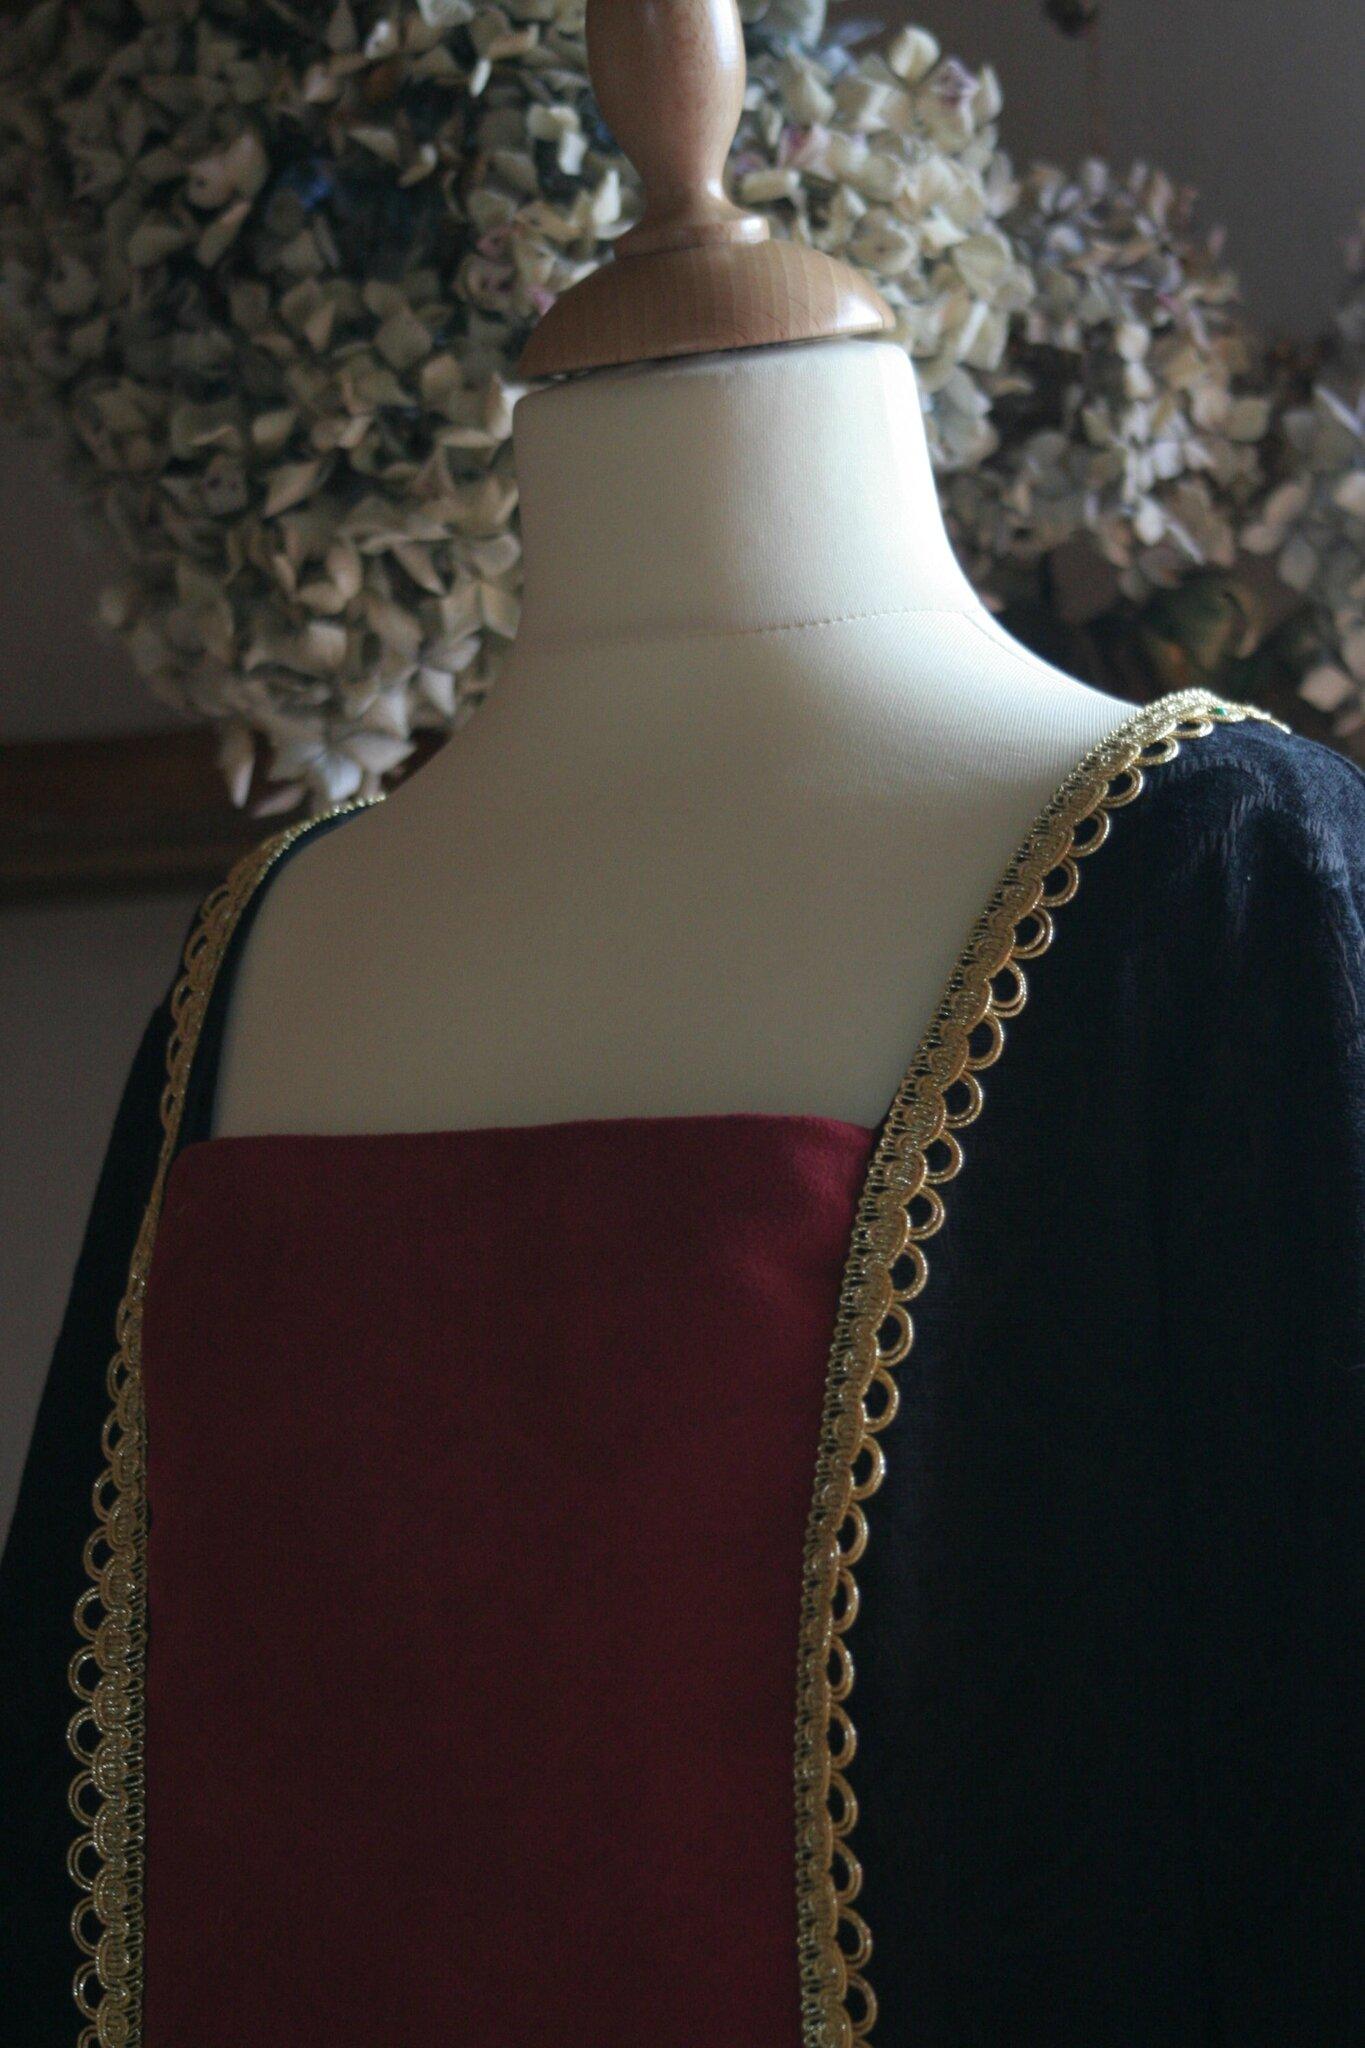 Détail du buste de la Robe Rouge et Noire